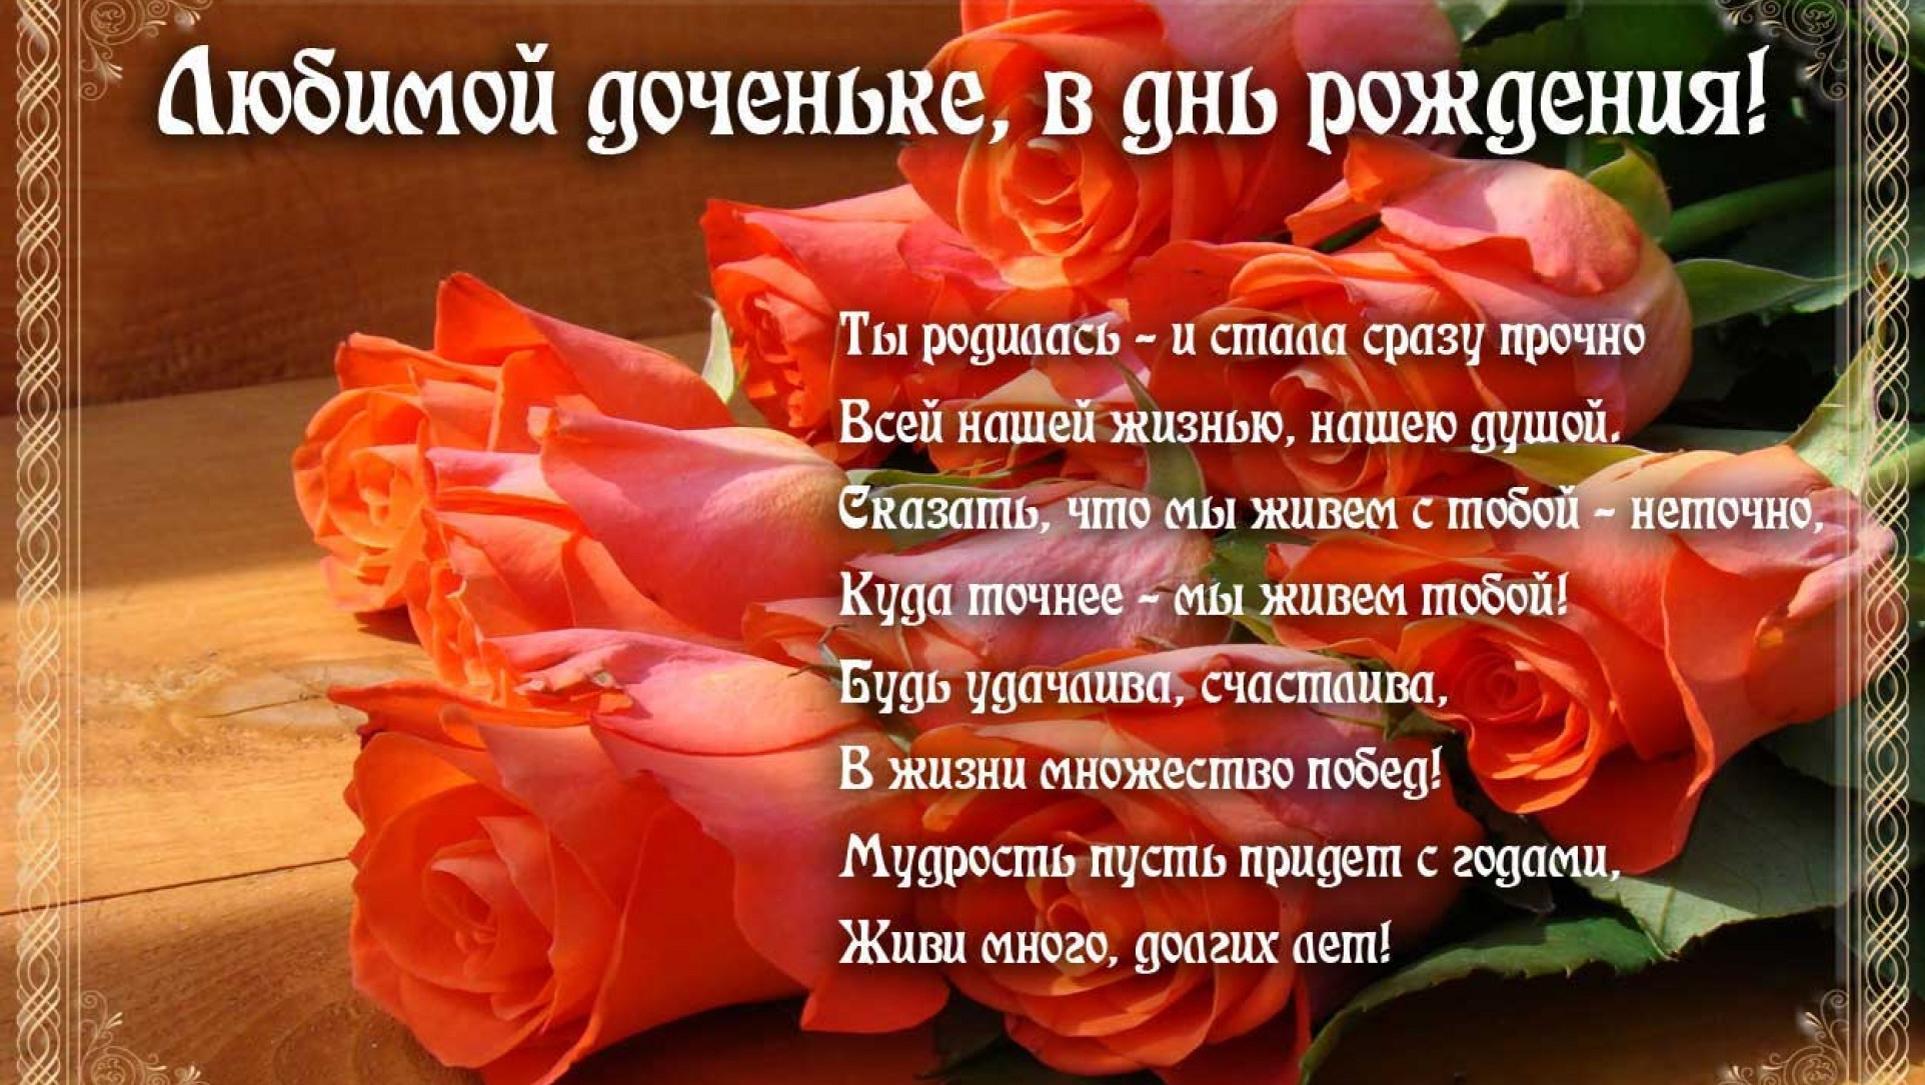 Поздравления с днем рождения взрослой дочери стихи, проза